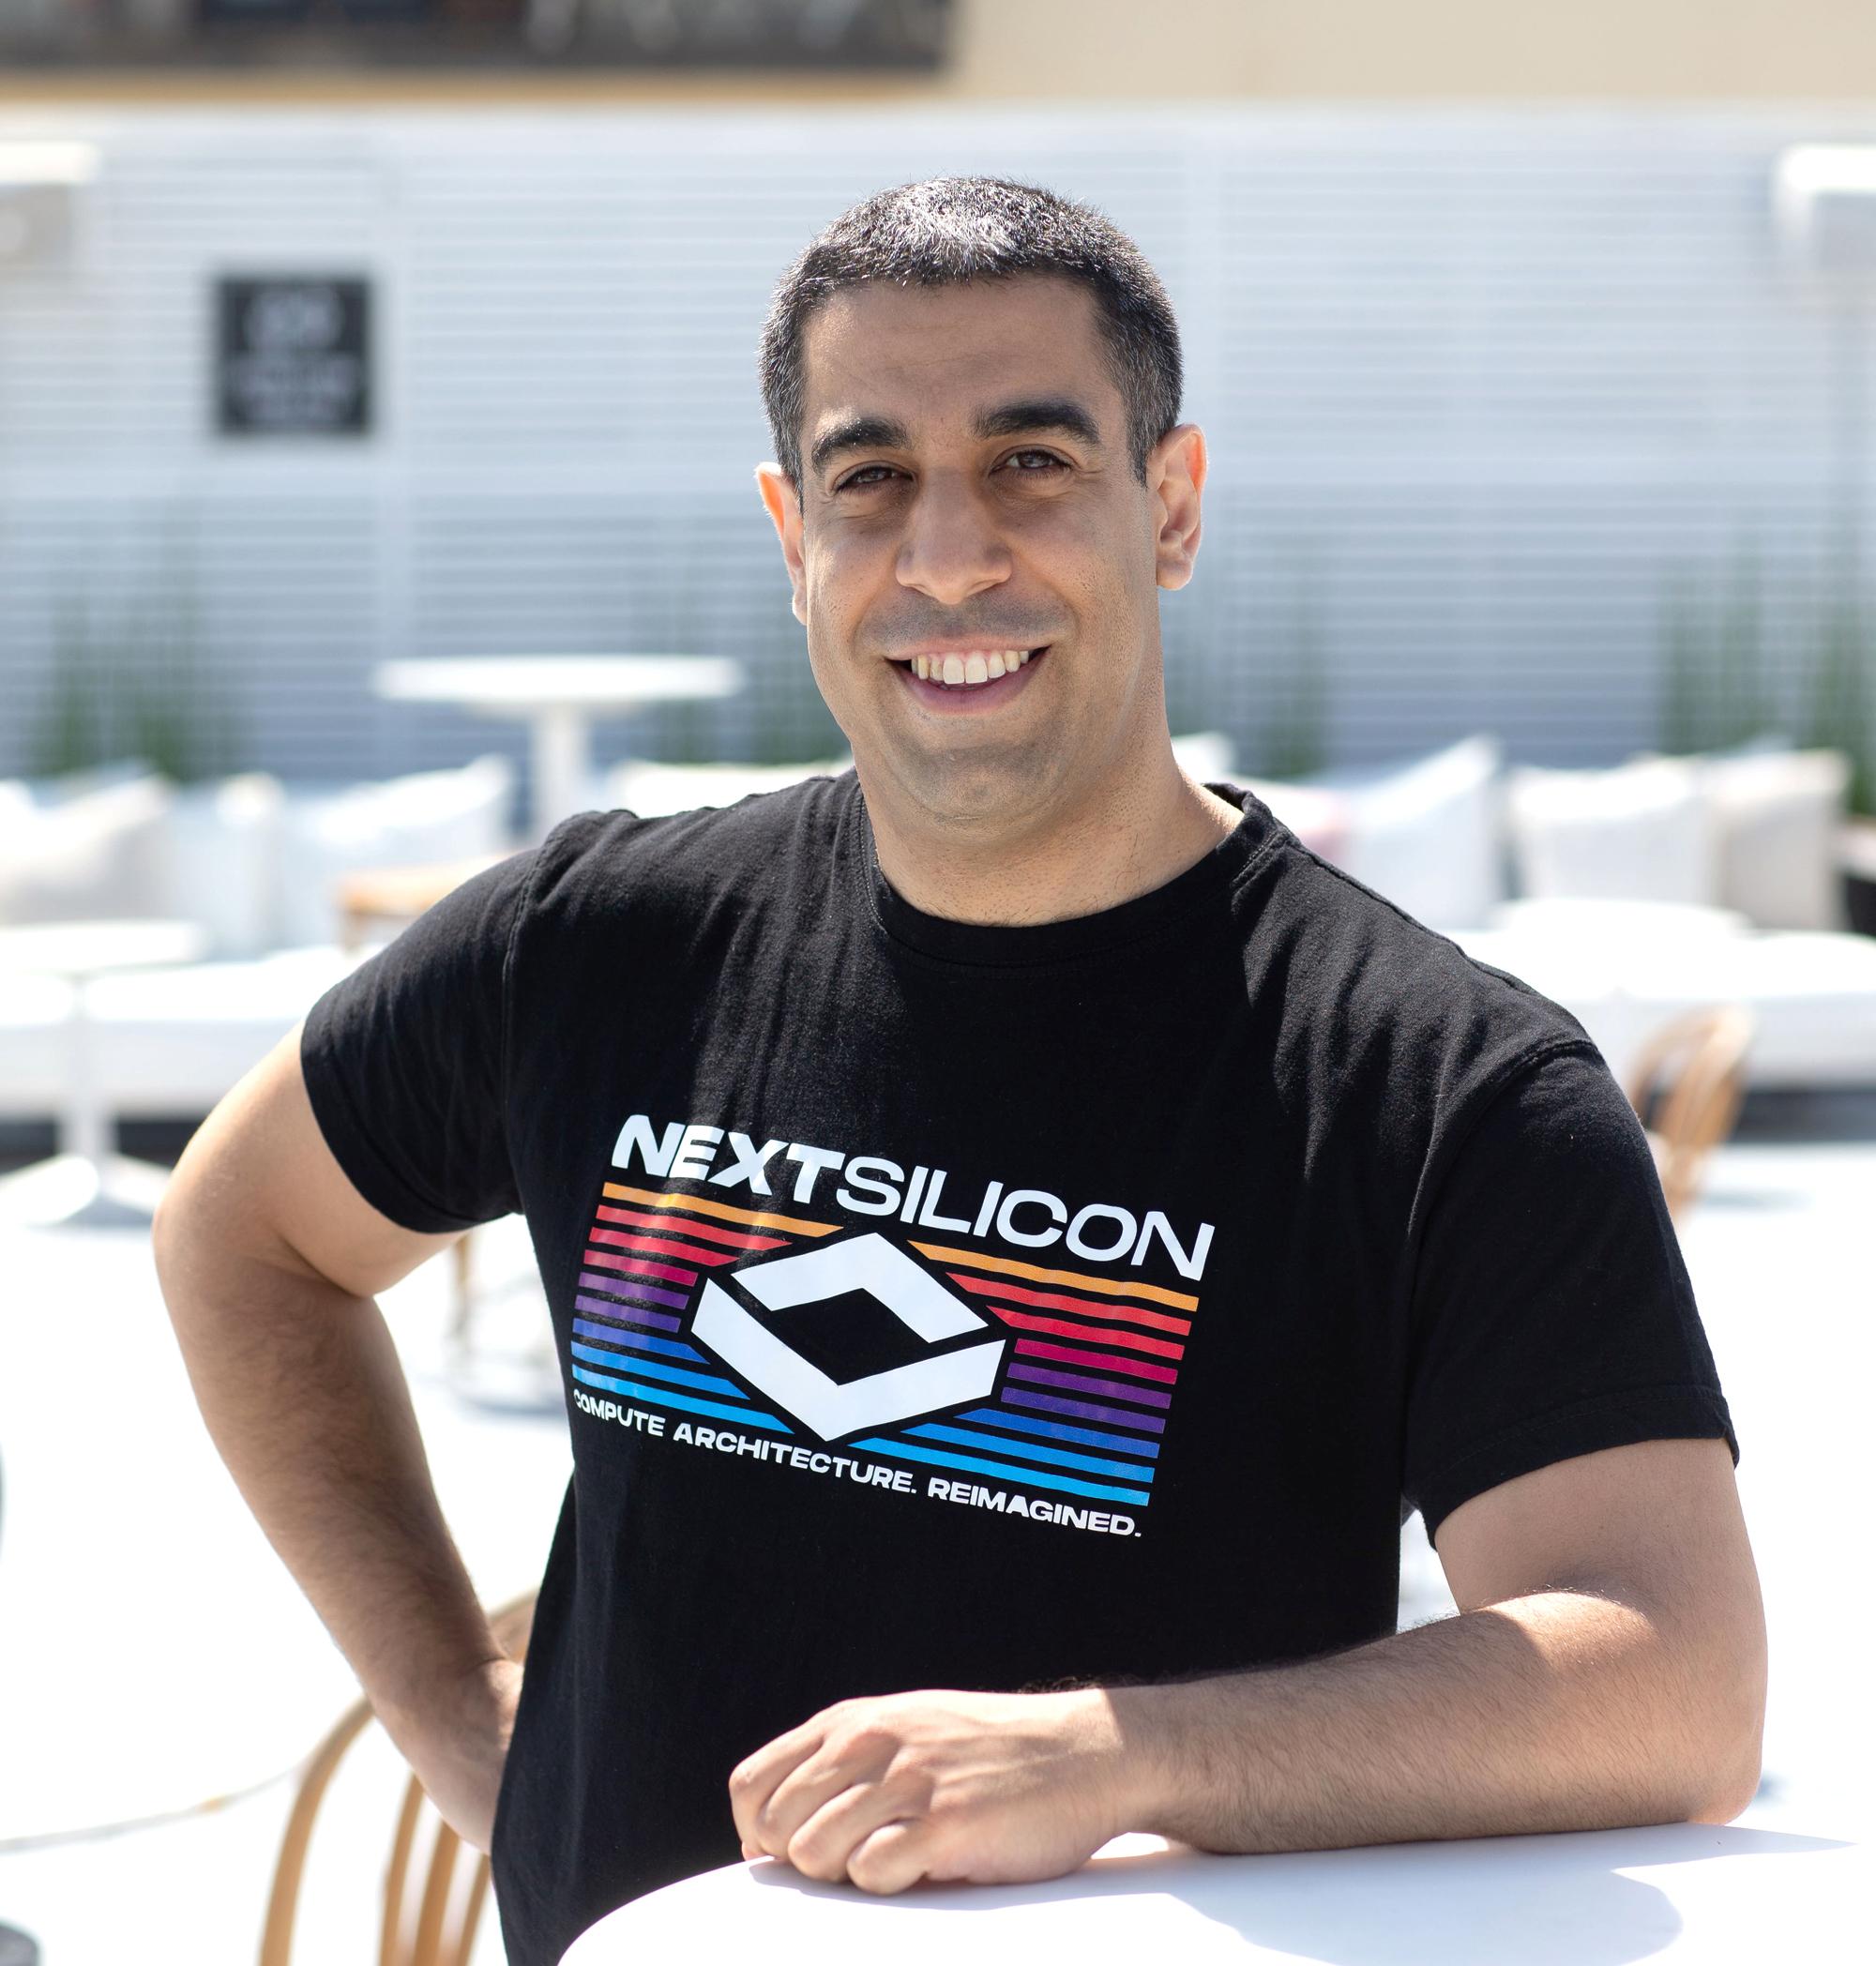 NextSilicon CEO Elad Raz. Photo: NextSilicon